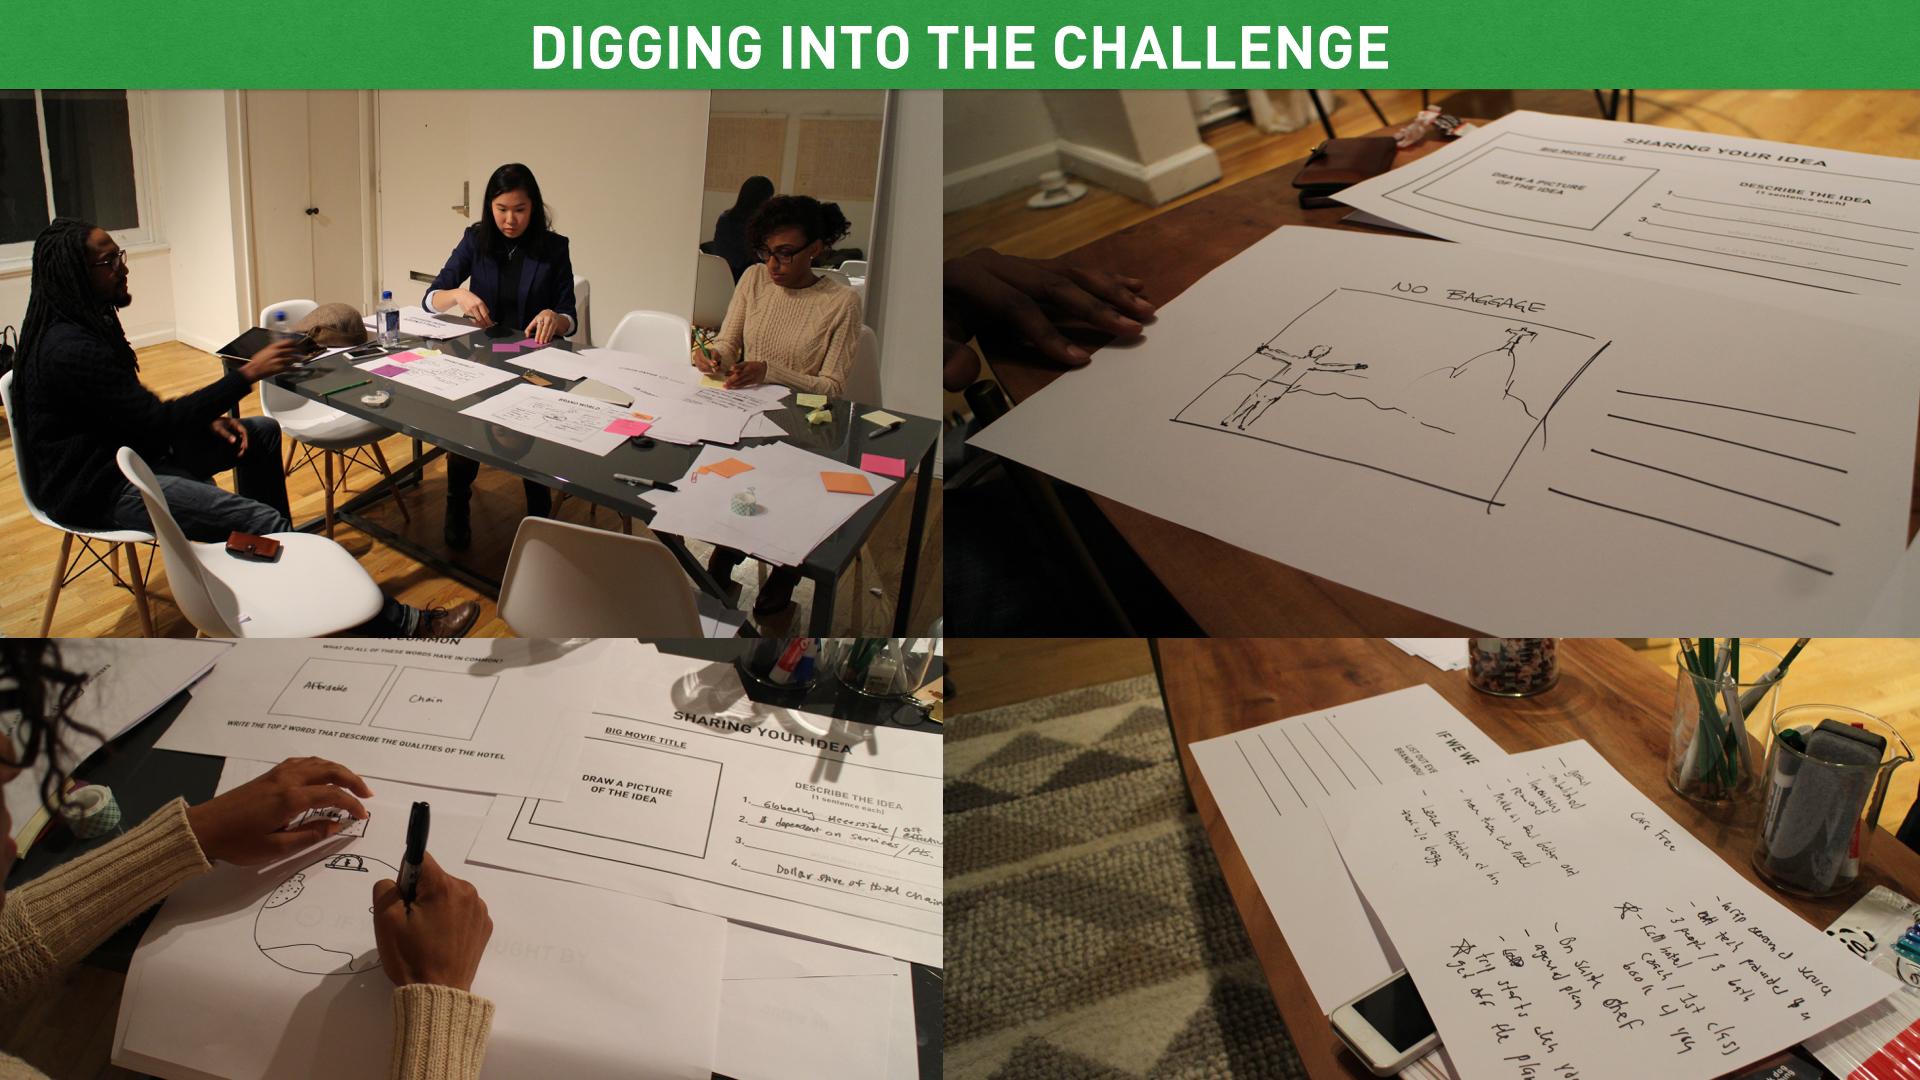 thesis_challenger_workshop_gc_v3.009.jpg